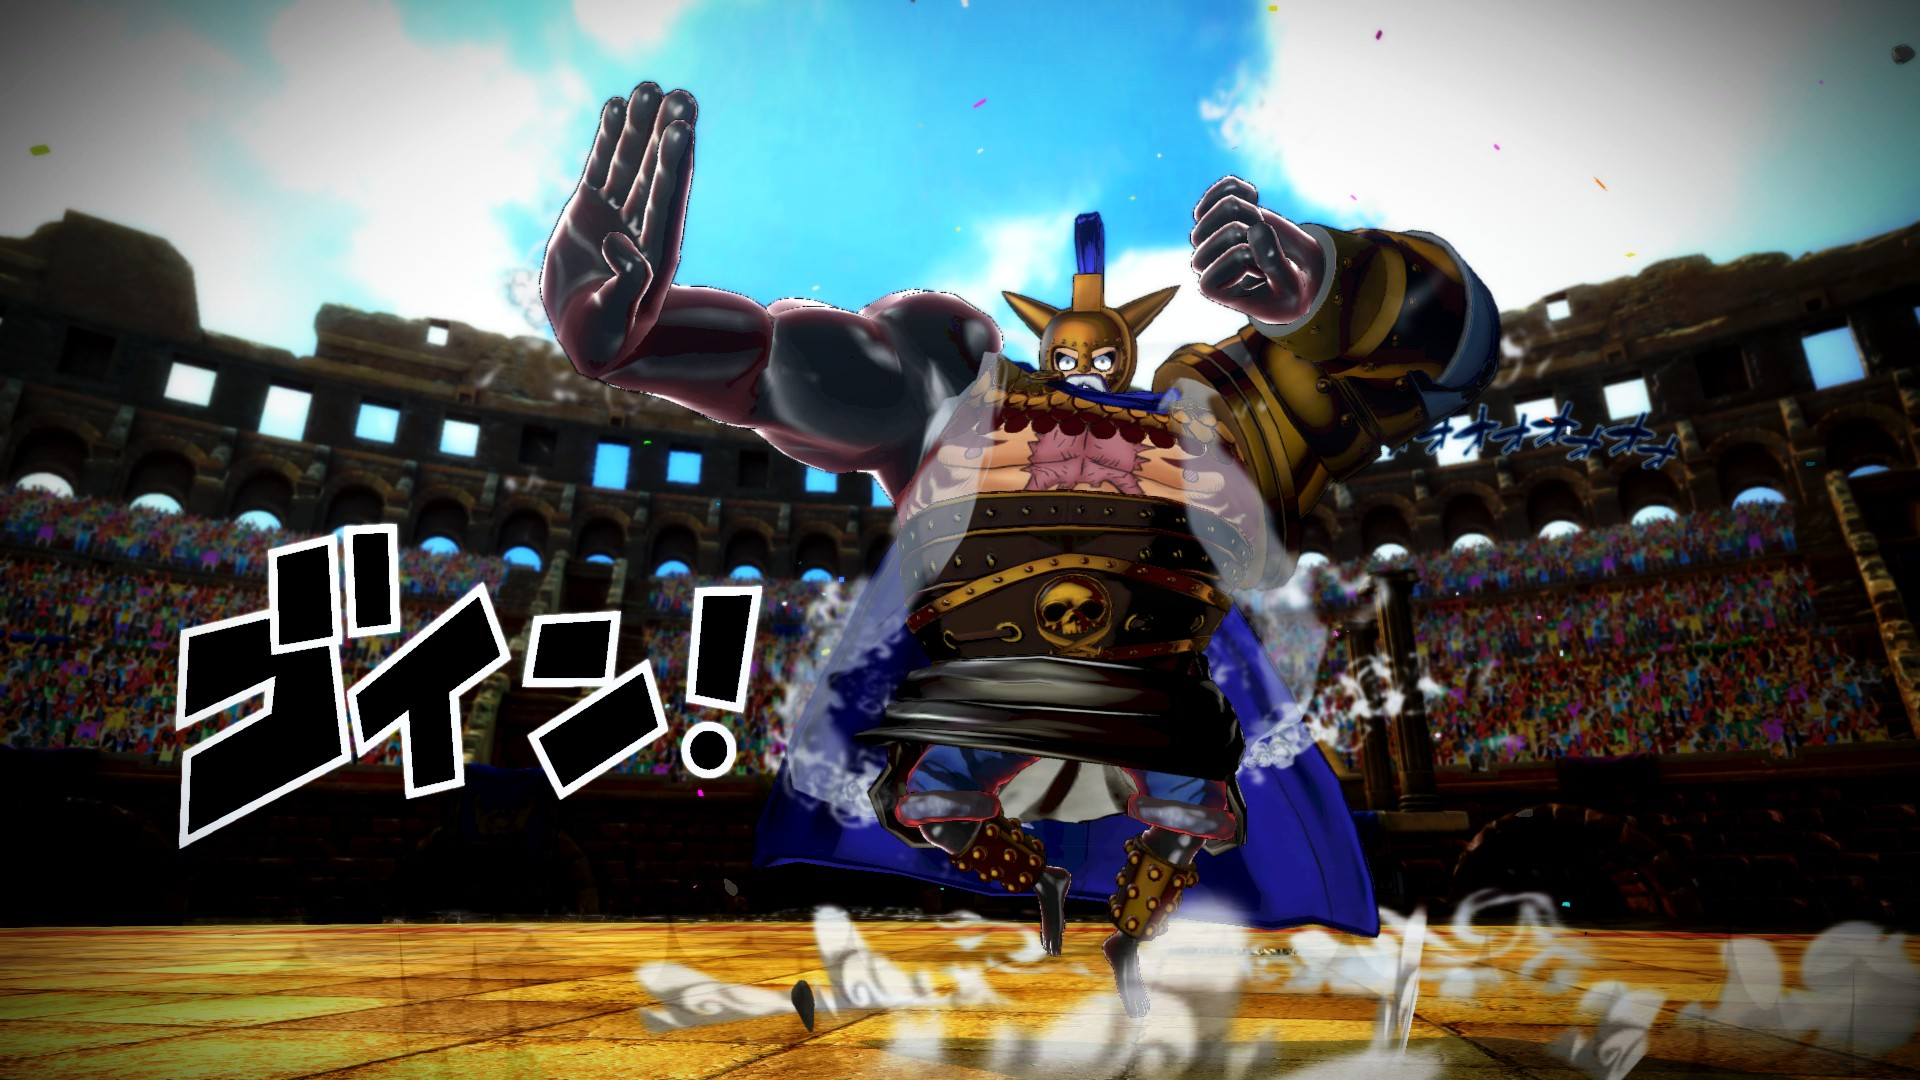 Bonusy za předobjednávku digitálních kopií One Piece: Burning Blood 122778